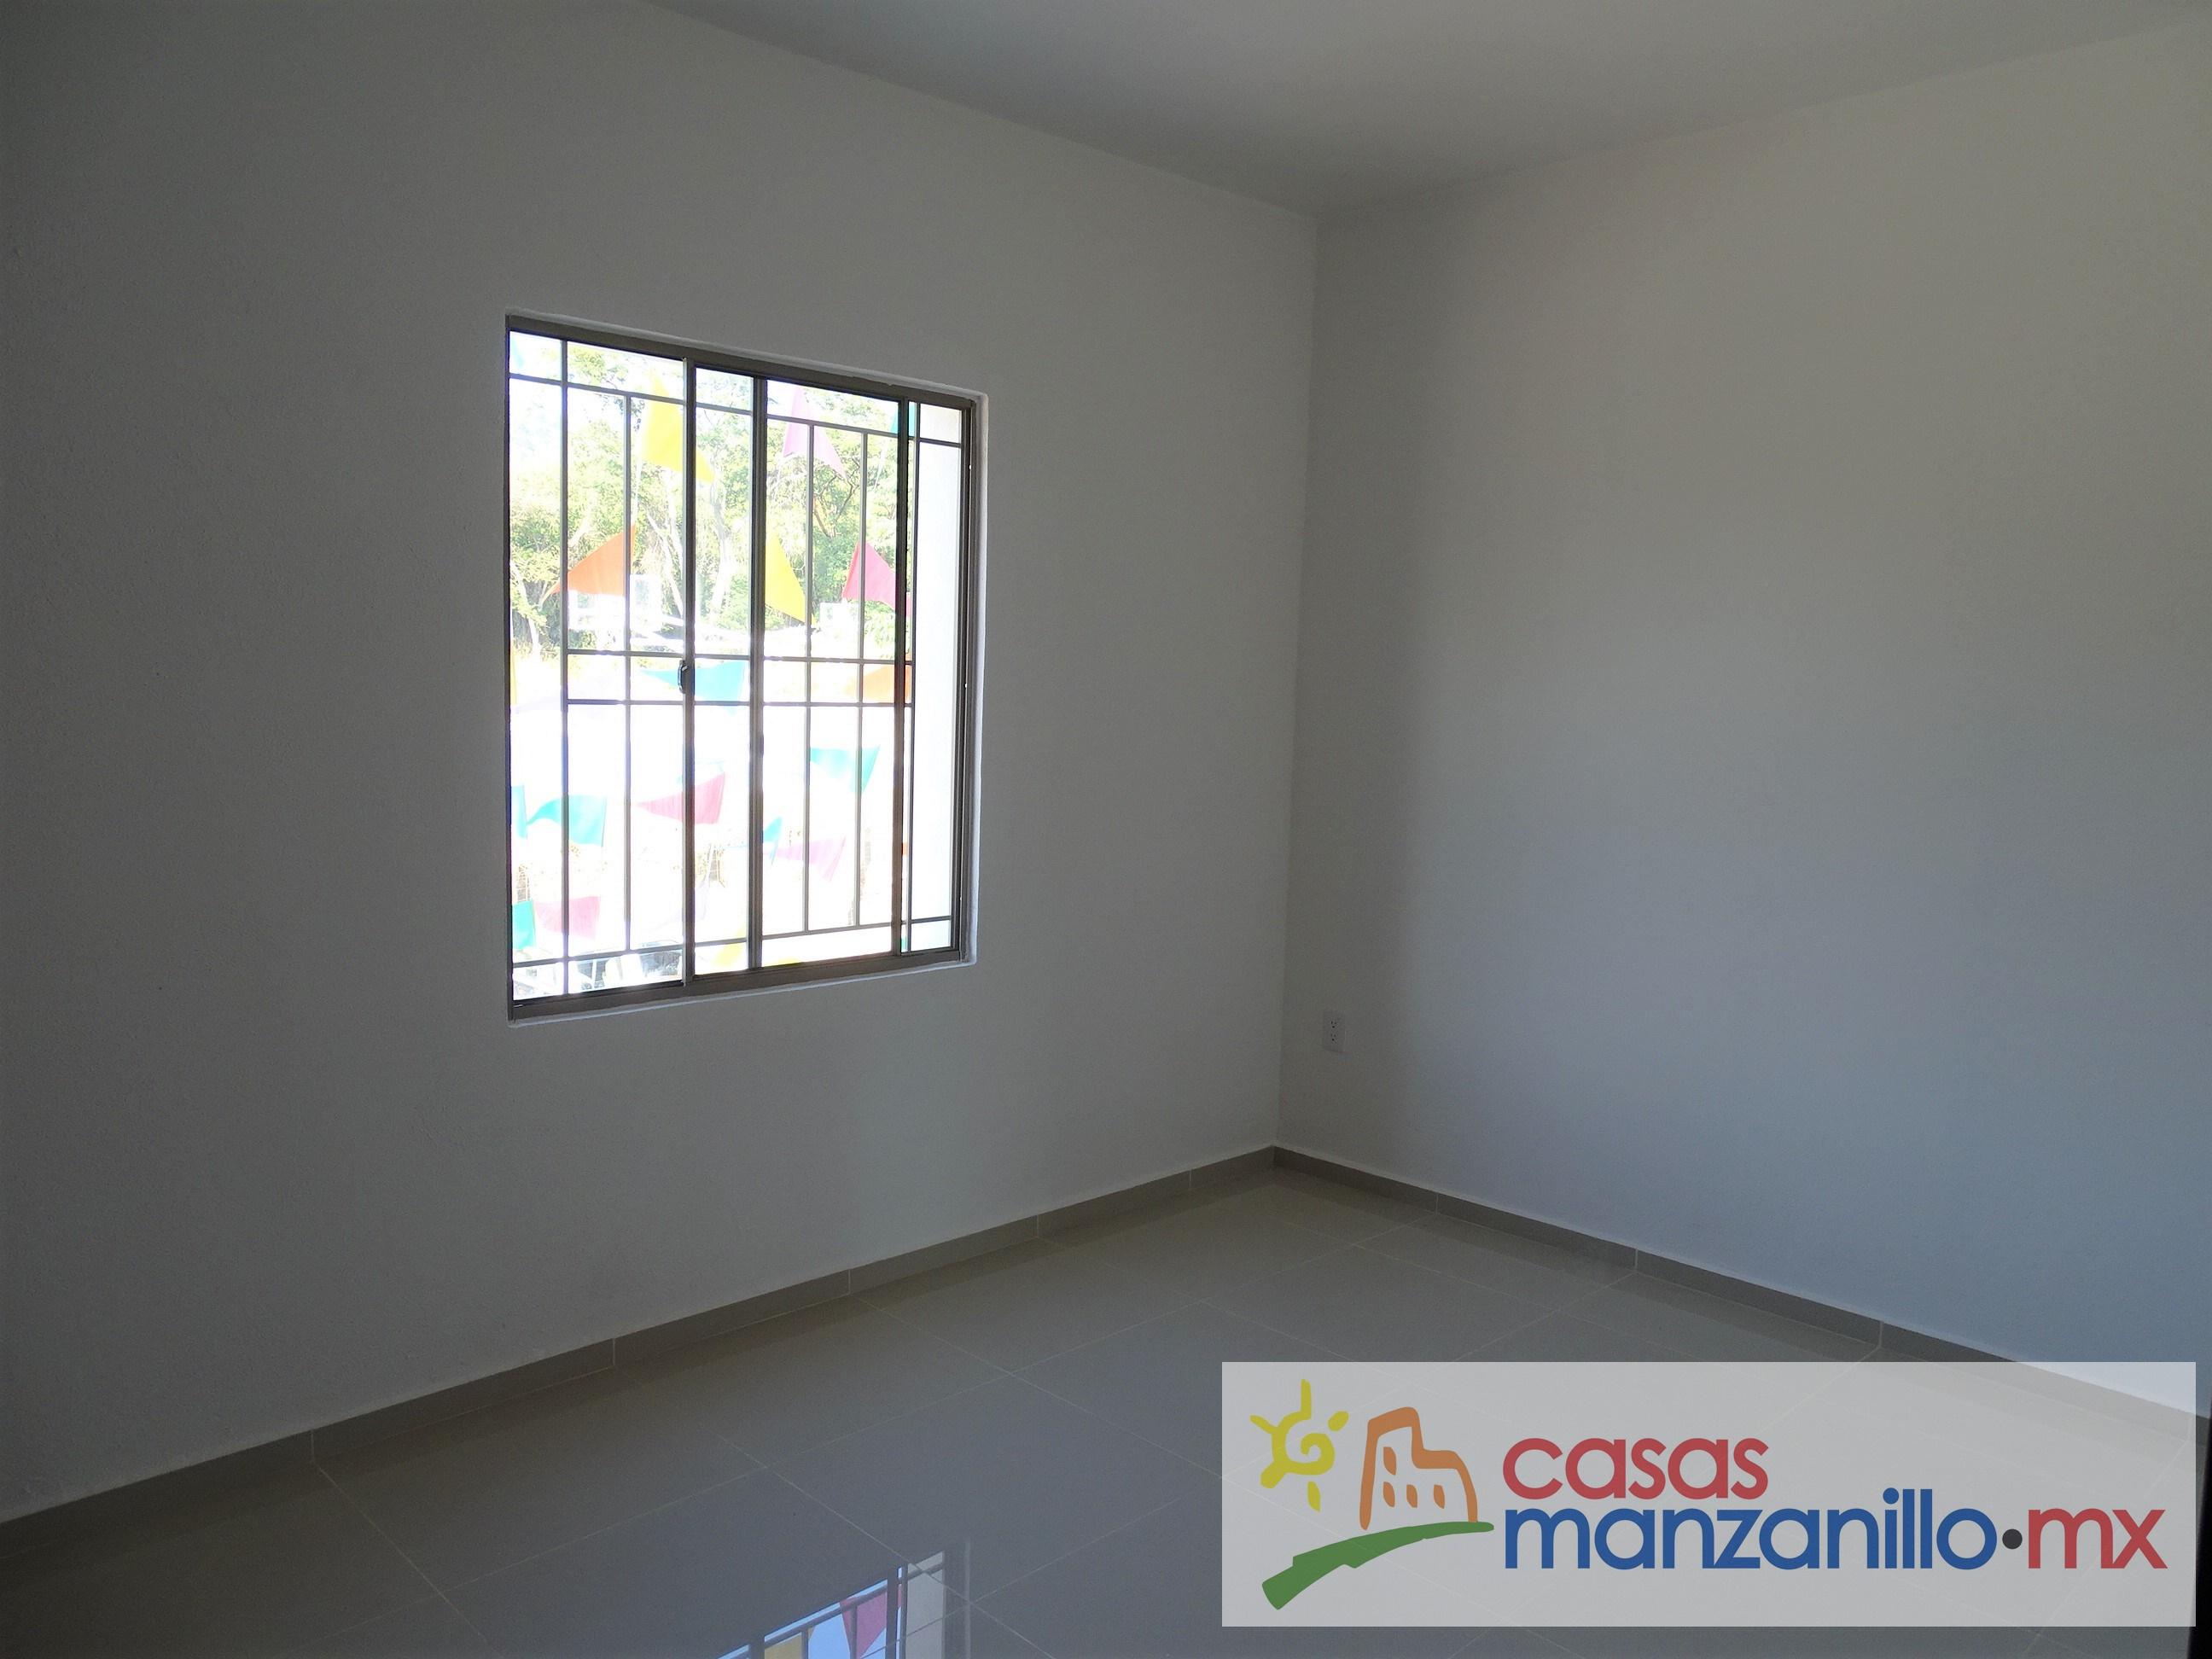 Casas Venta Manzanillo - Los Altos (30).